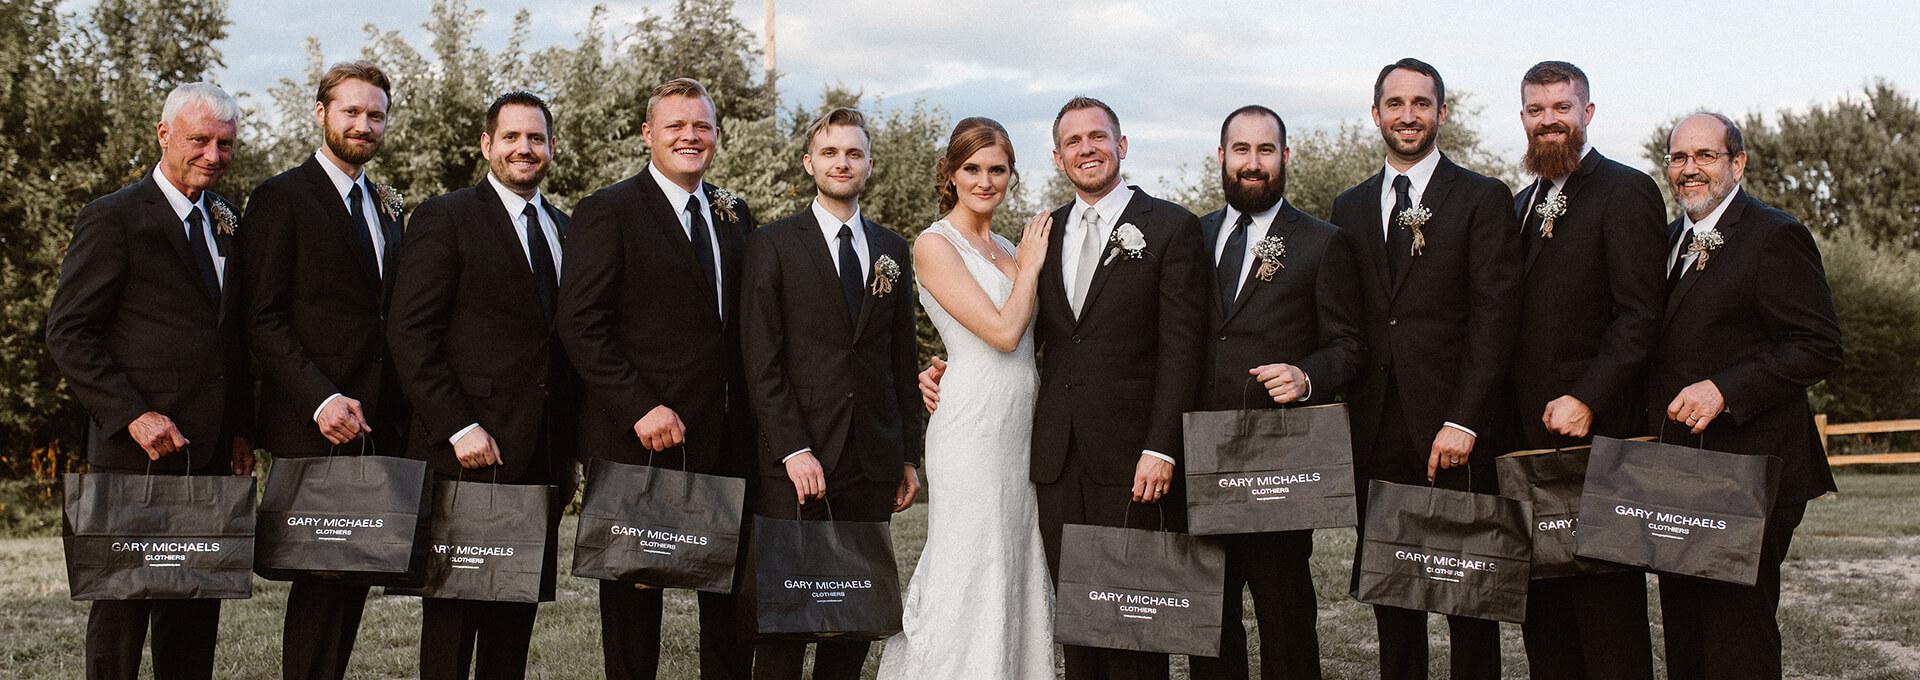 Tan Wedding Suit - Wedding Photography